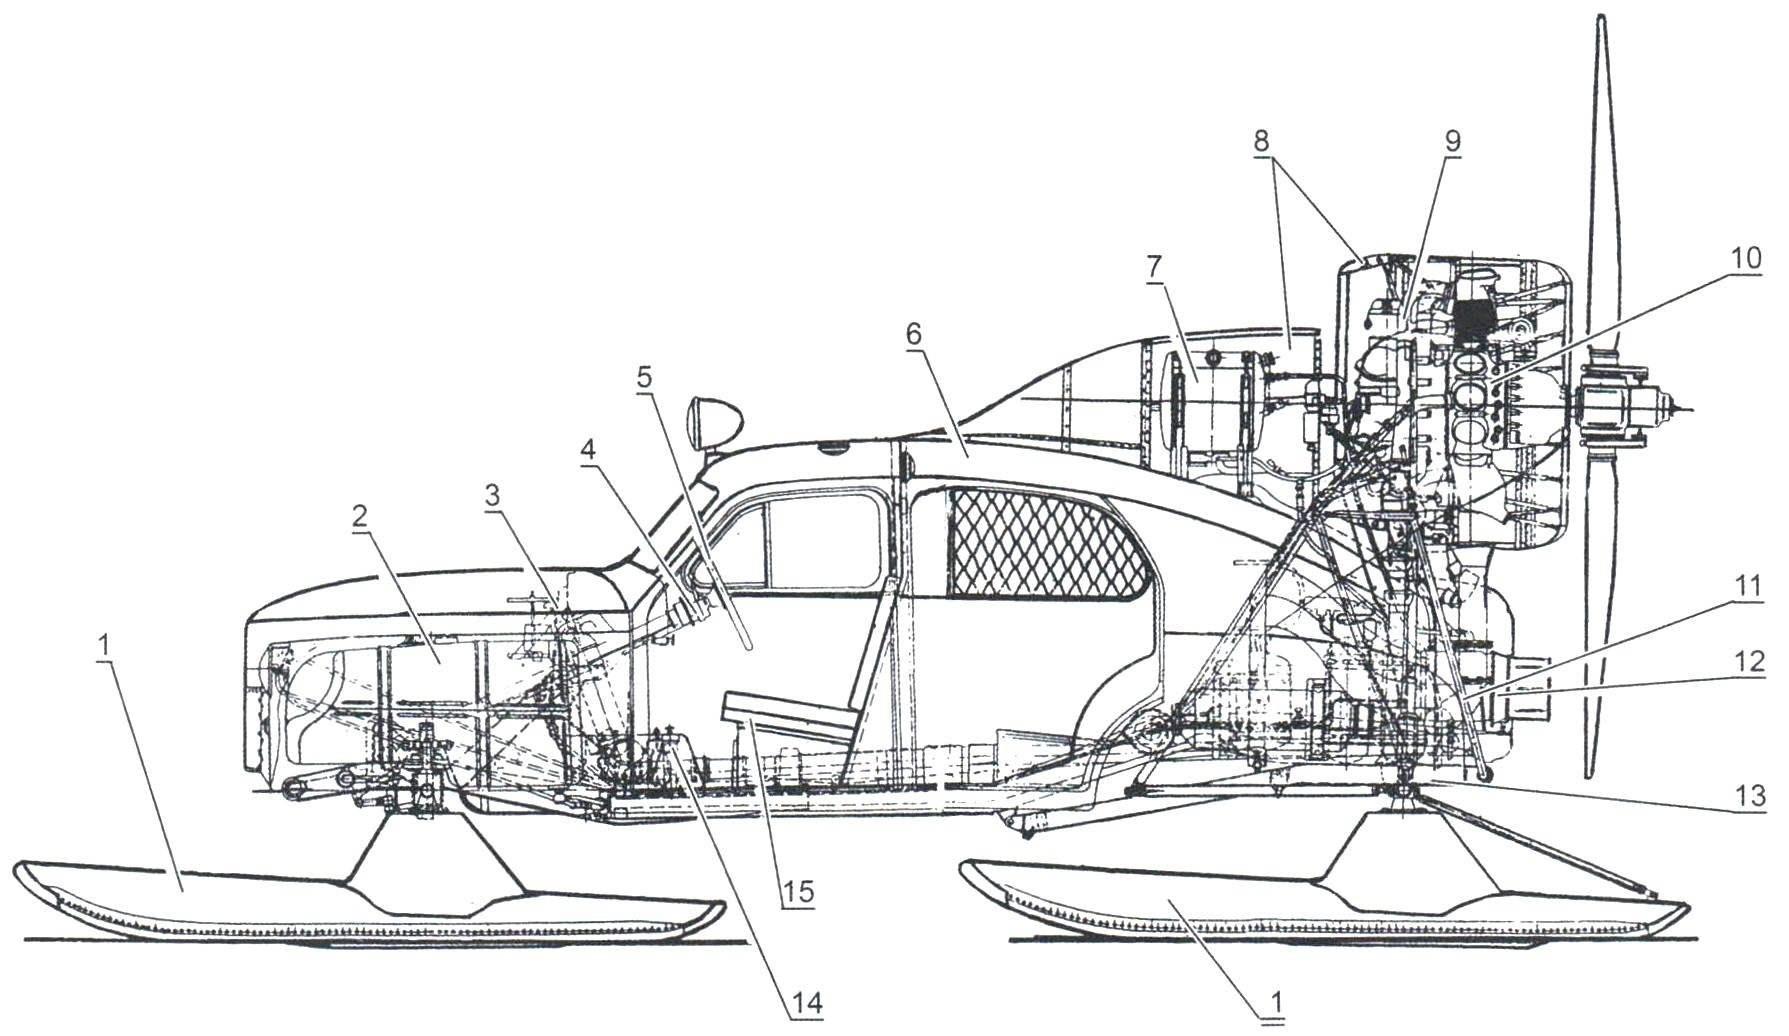 Компоновка аэросаней «Север-2»